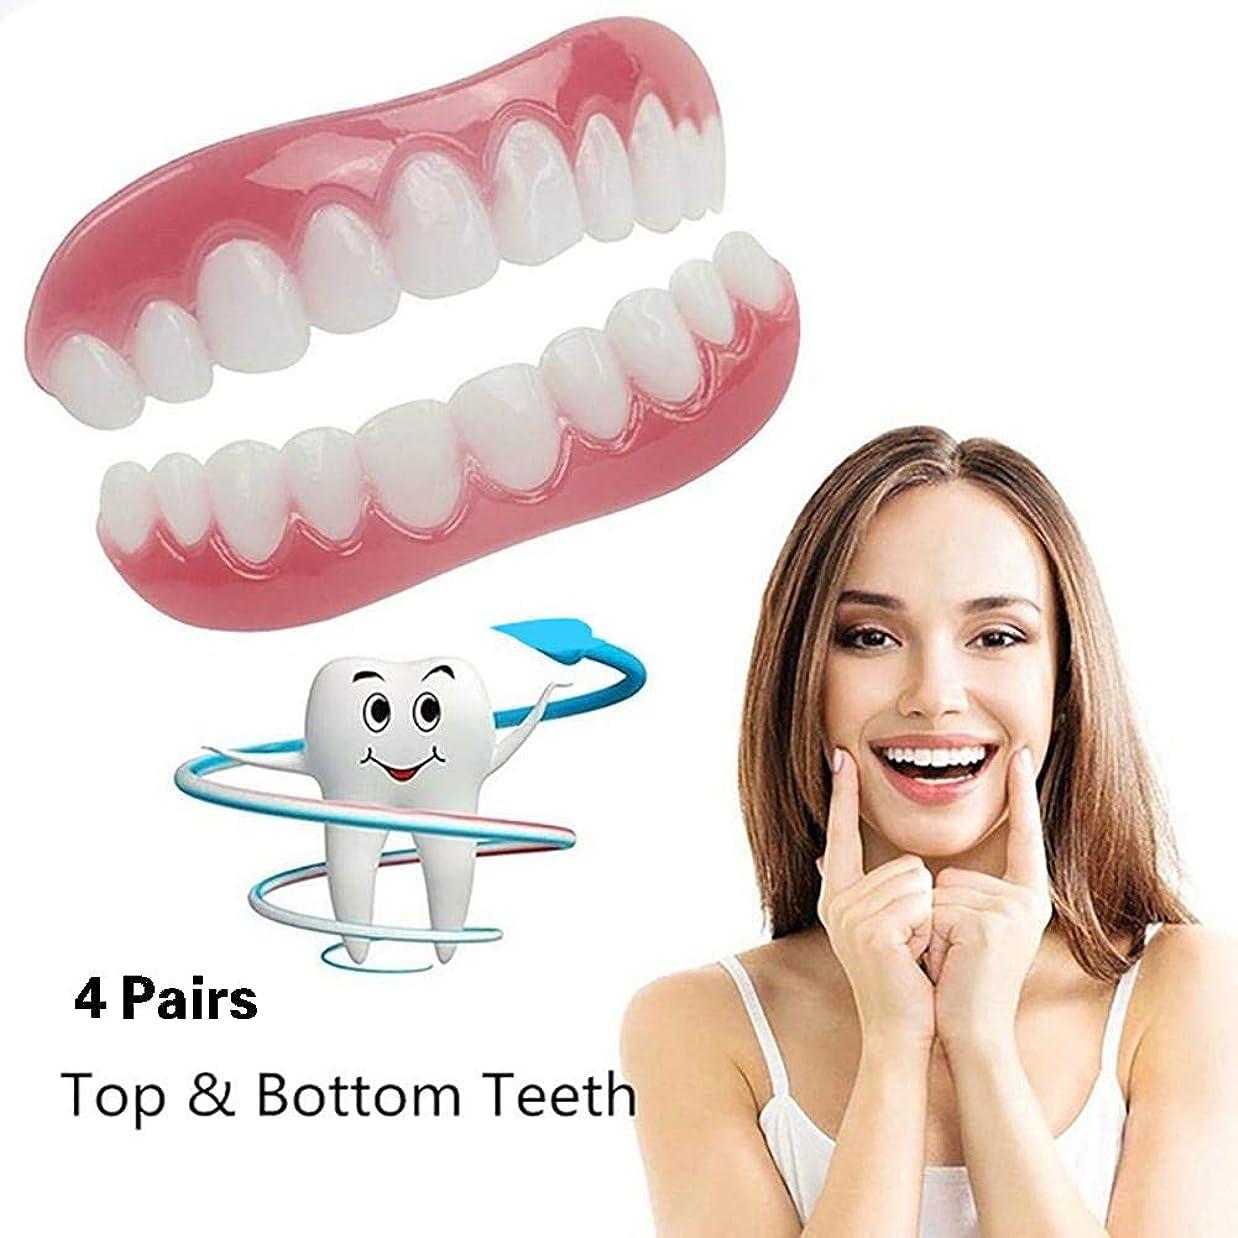 文献刻む必要シリコーンの歯のベニヤ化粧品の歯のスナップのしっかりとした上部の低い屈曲の歯科ベニヤ義歯のケアを白くする完全な歯1つのサイズに収まるすべて